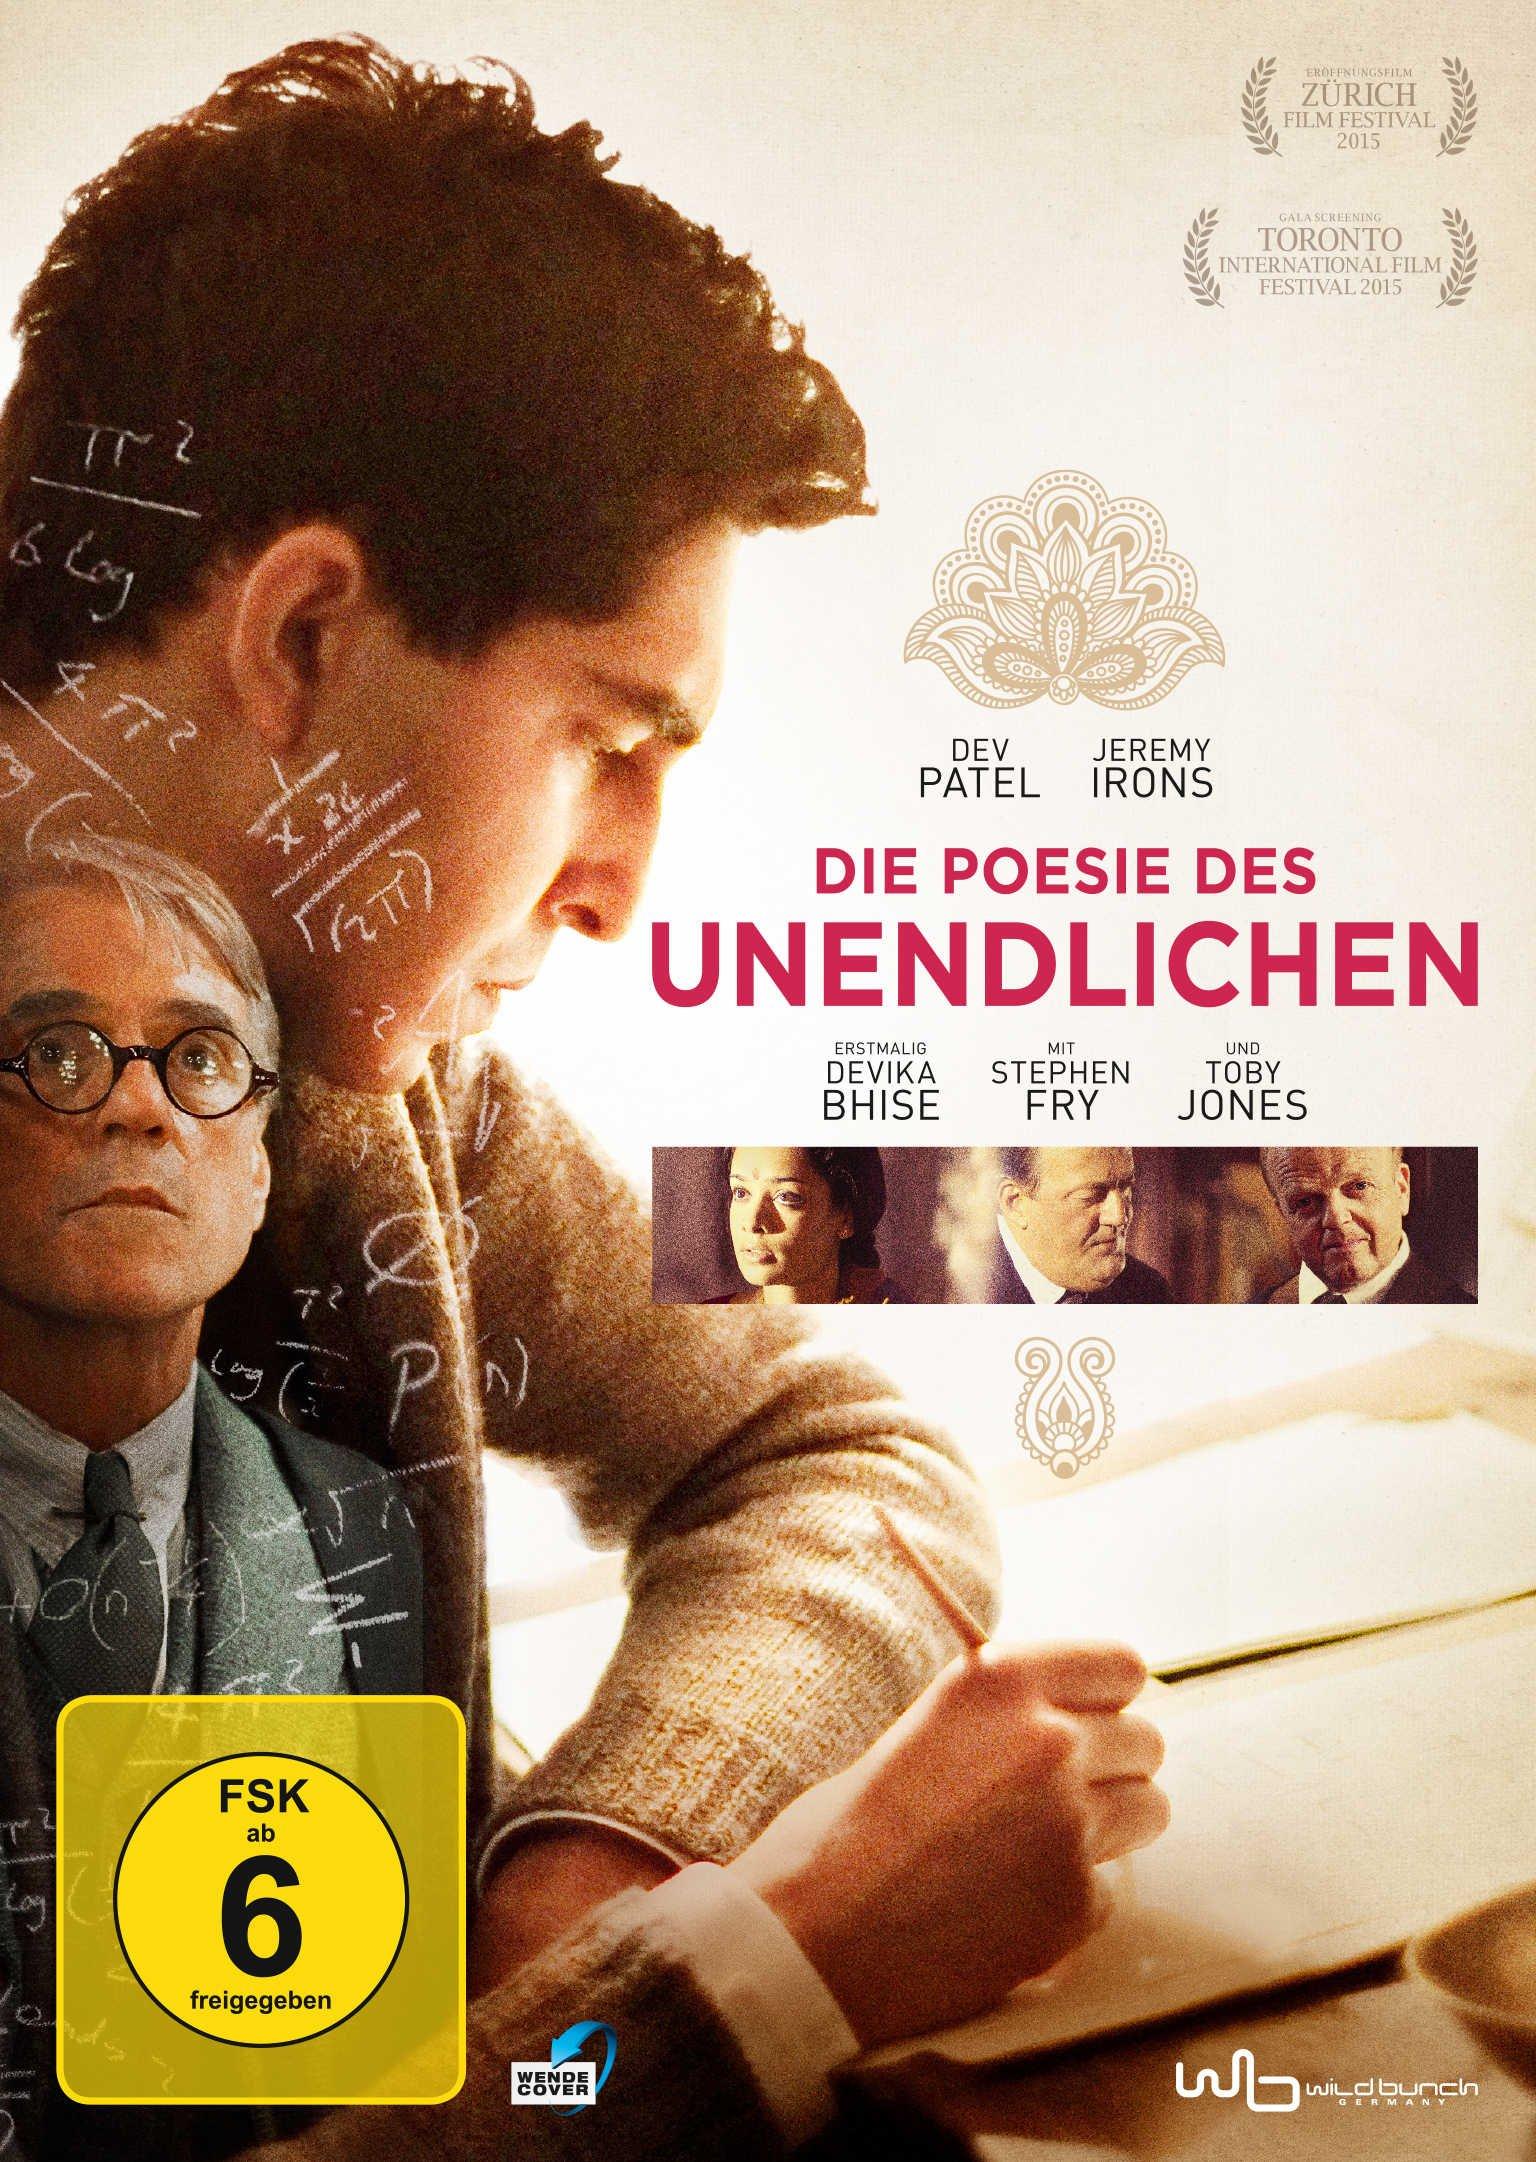 : Die Poesie des Unendlichen German 2015 Ac3 BdriP x264-Xf